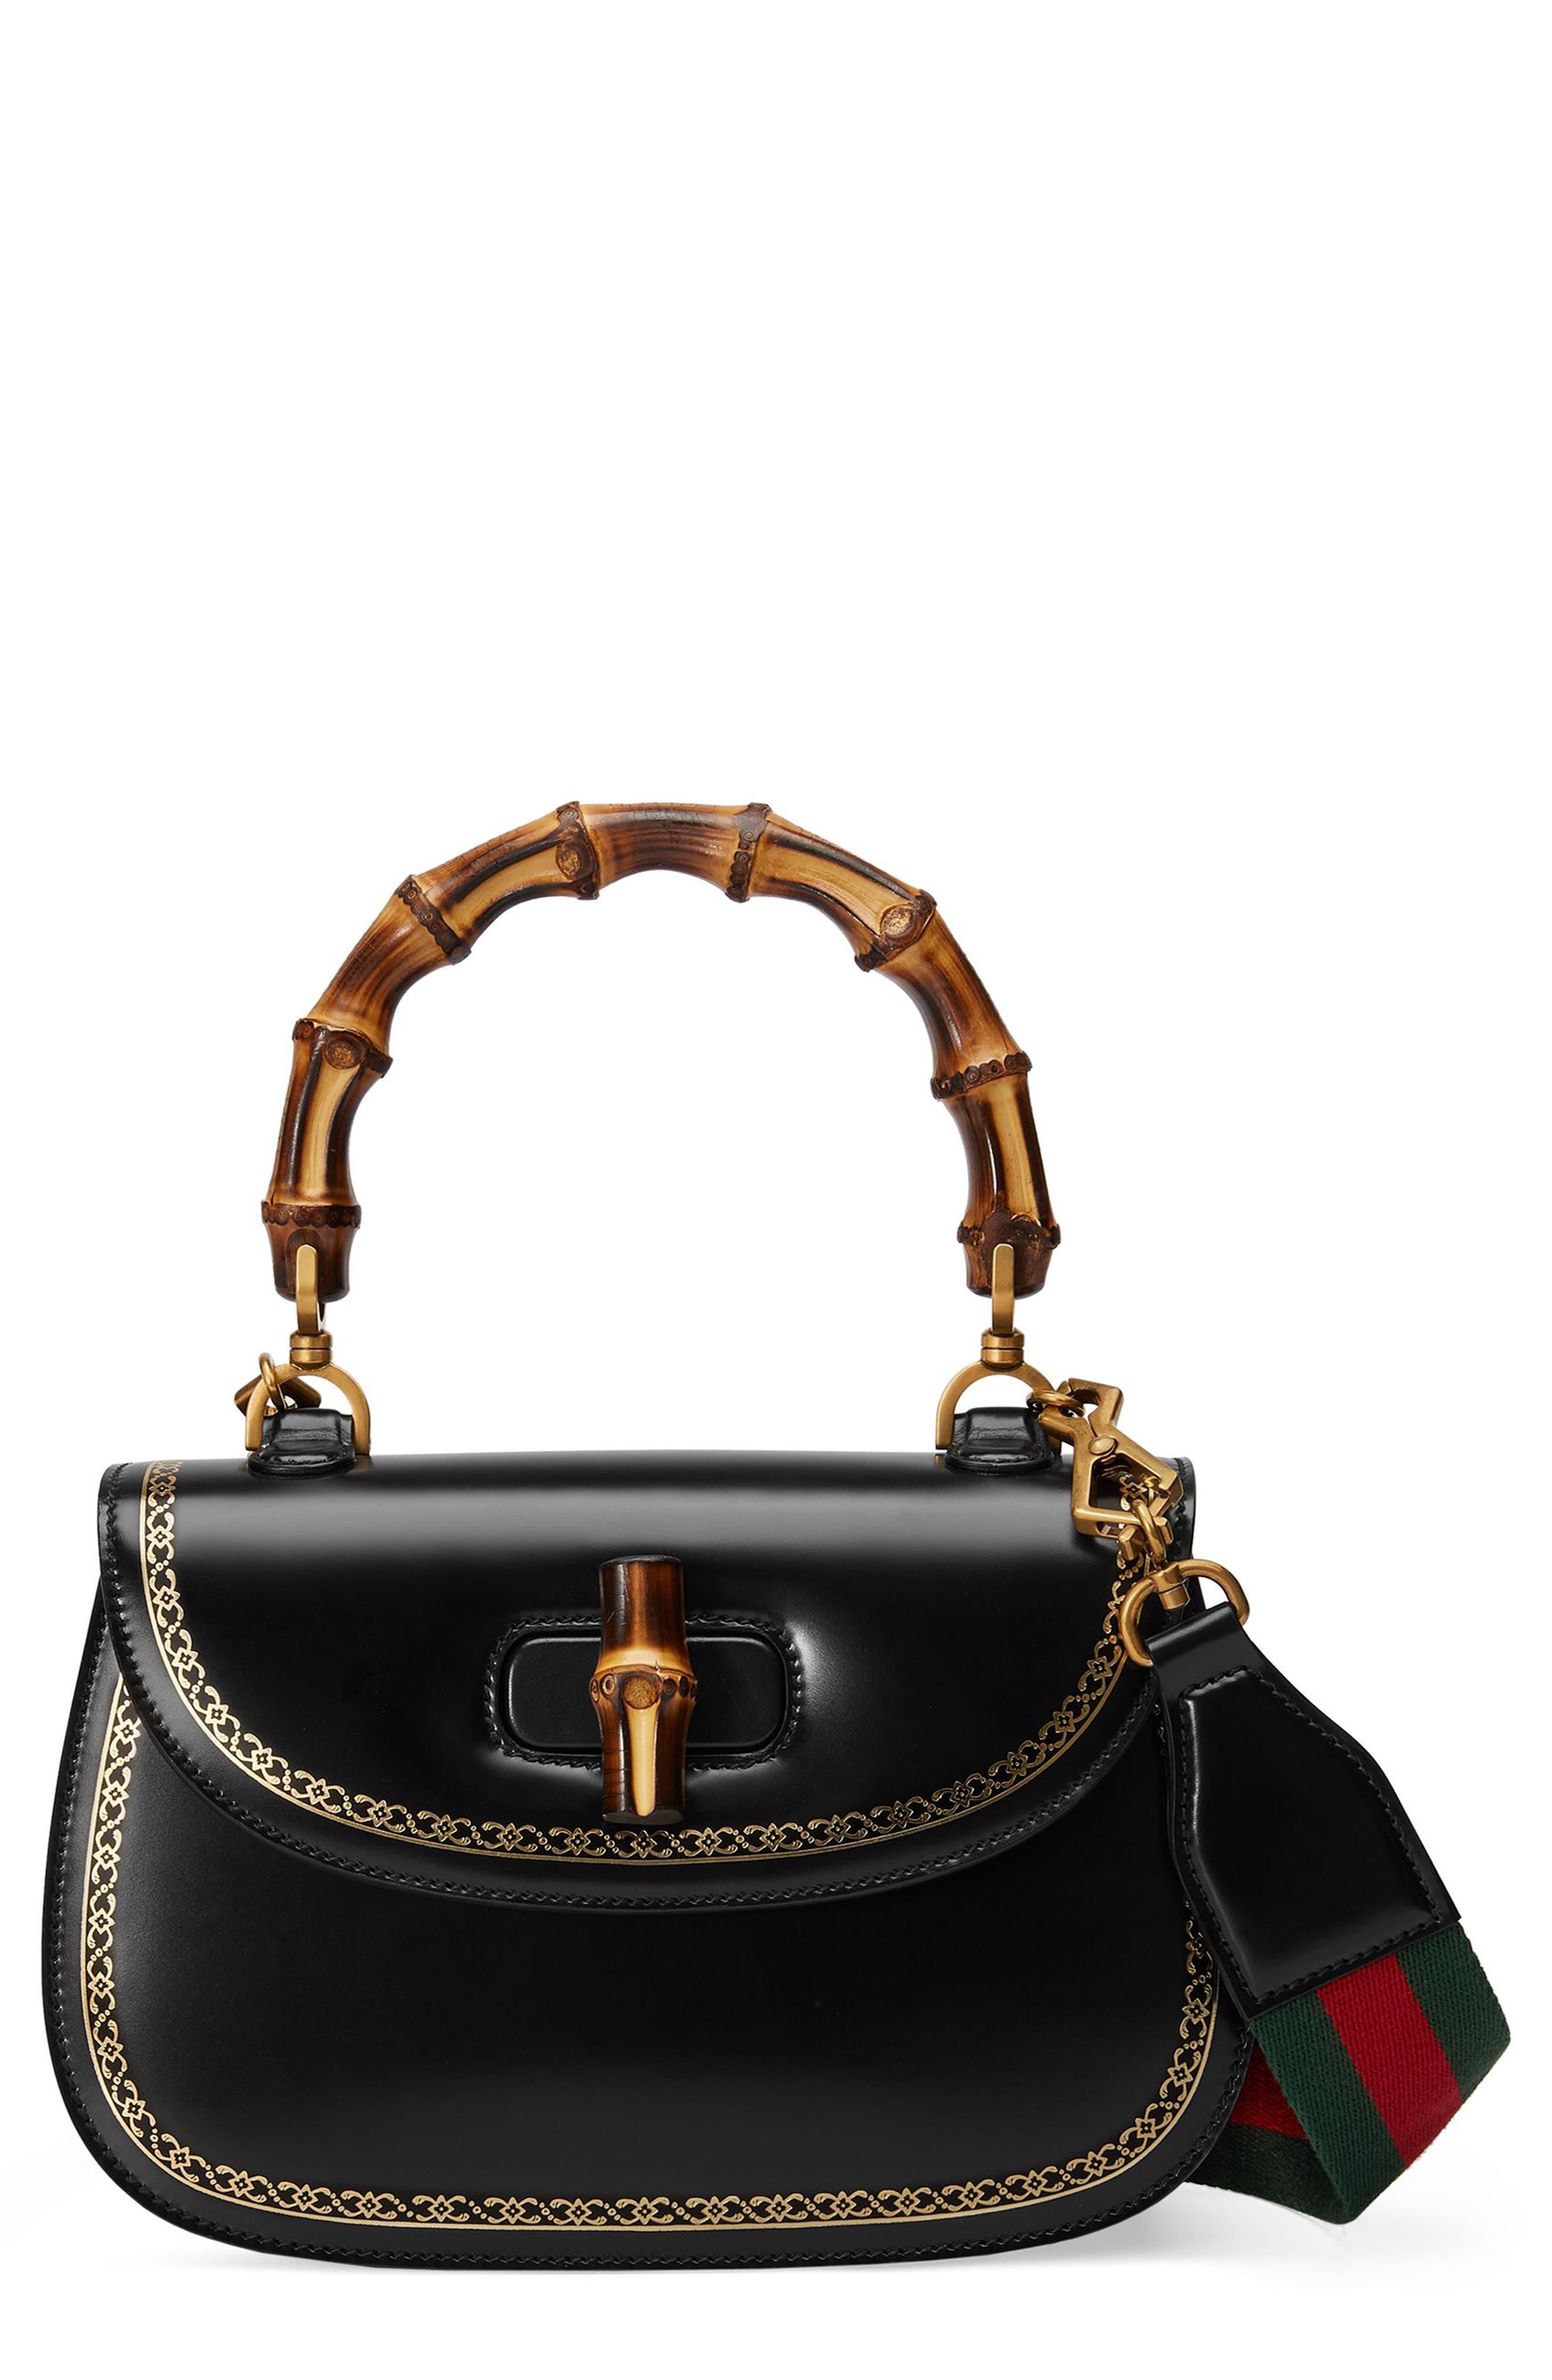 Medium Classic 2 Top Handle Shoulder Bag,                         Main,                         color,